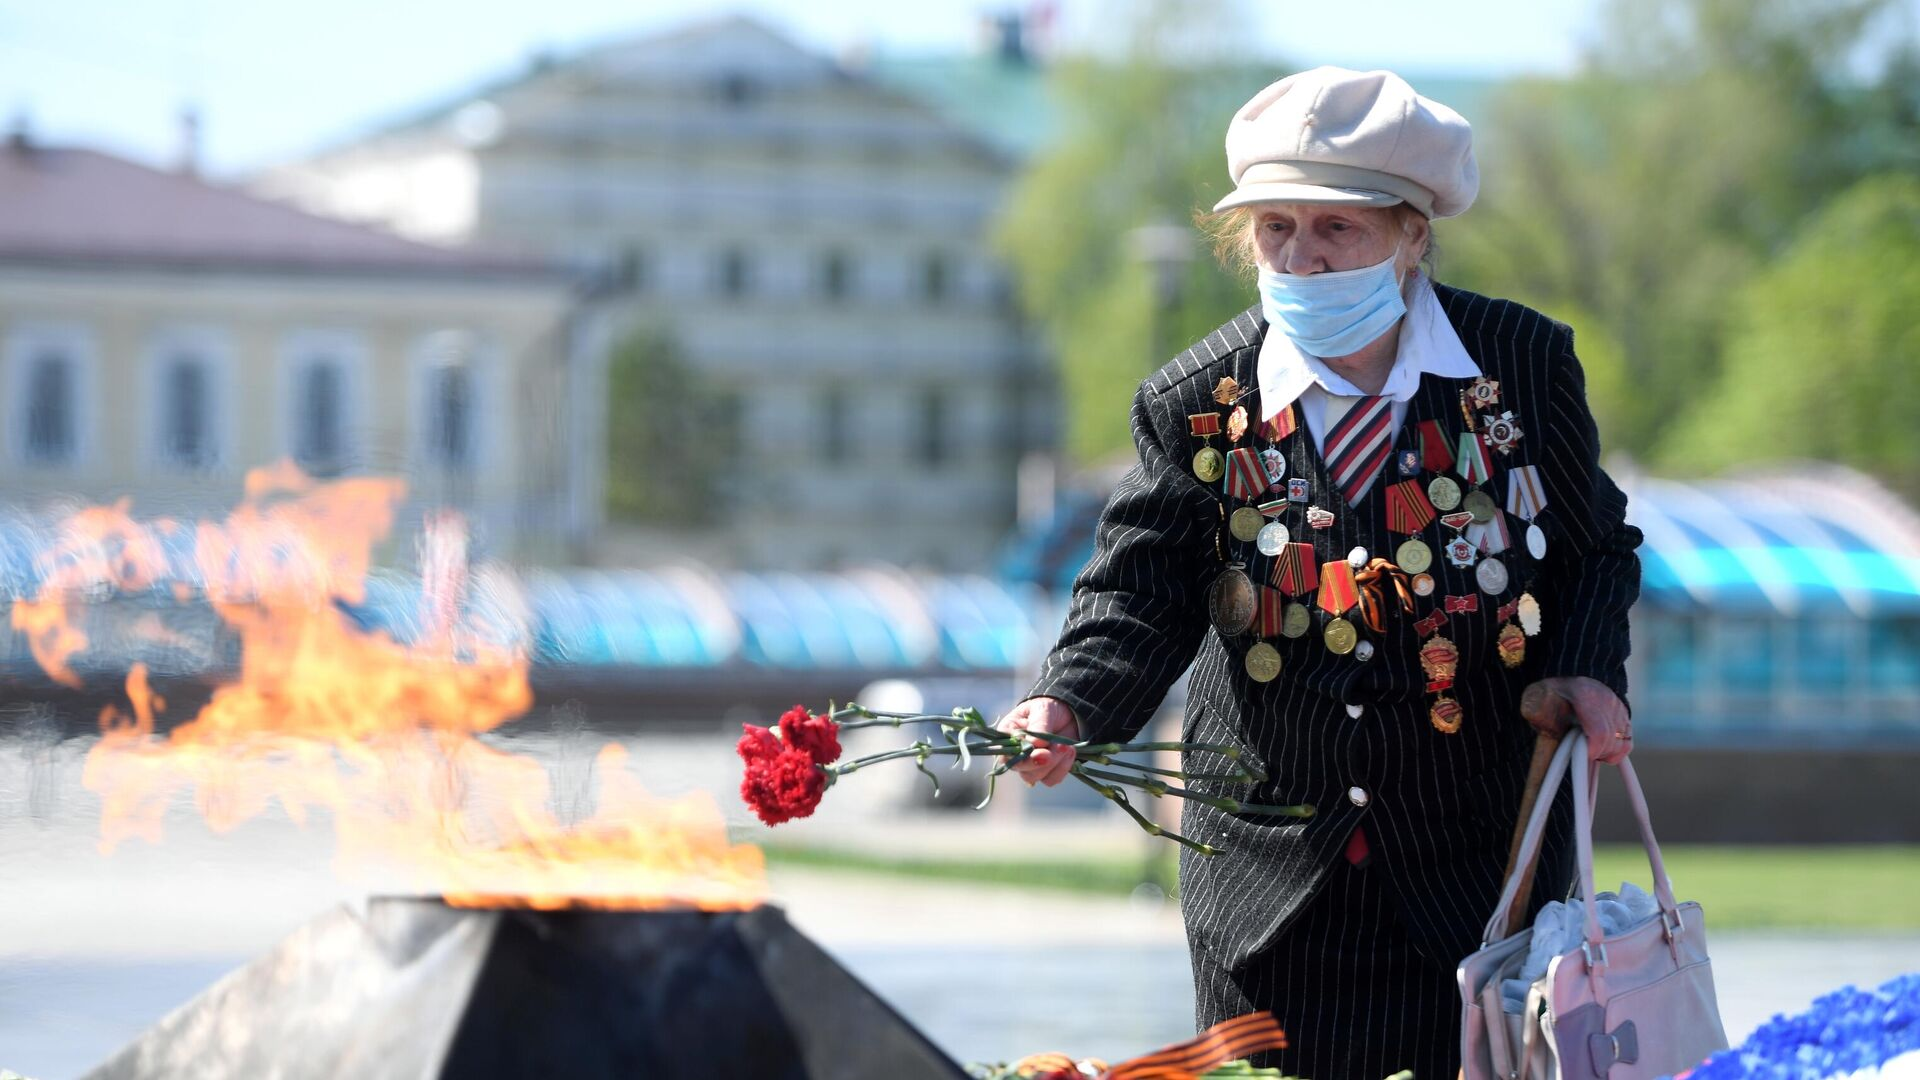 Участница ВОВ Рафика Калинина возлагает цветы к Вечному огню на площади у парка отдыха имени Горького в Казани - РИА Новости, 1920, 09.05.2020